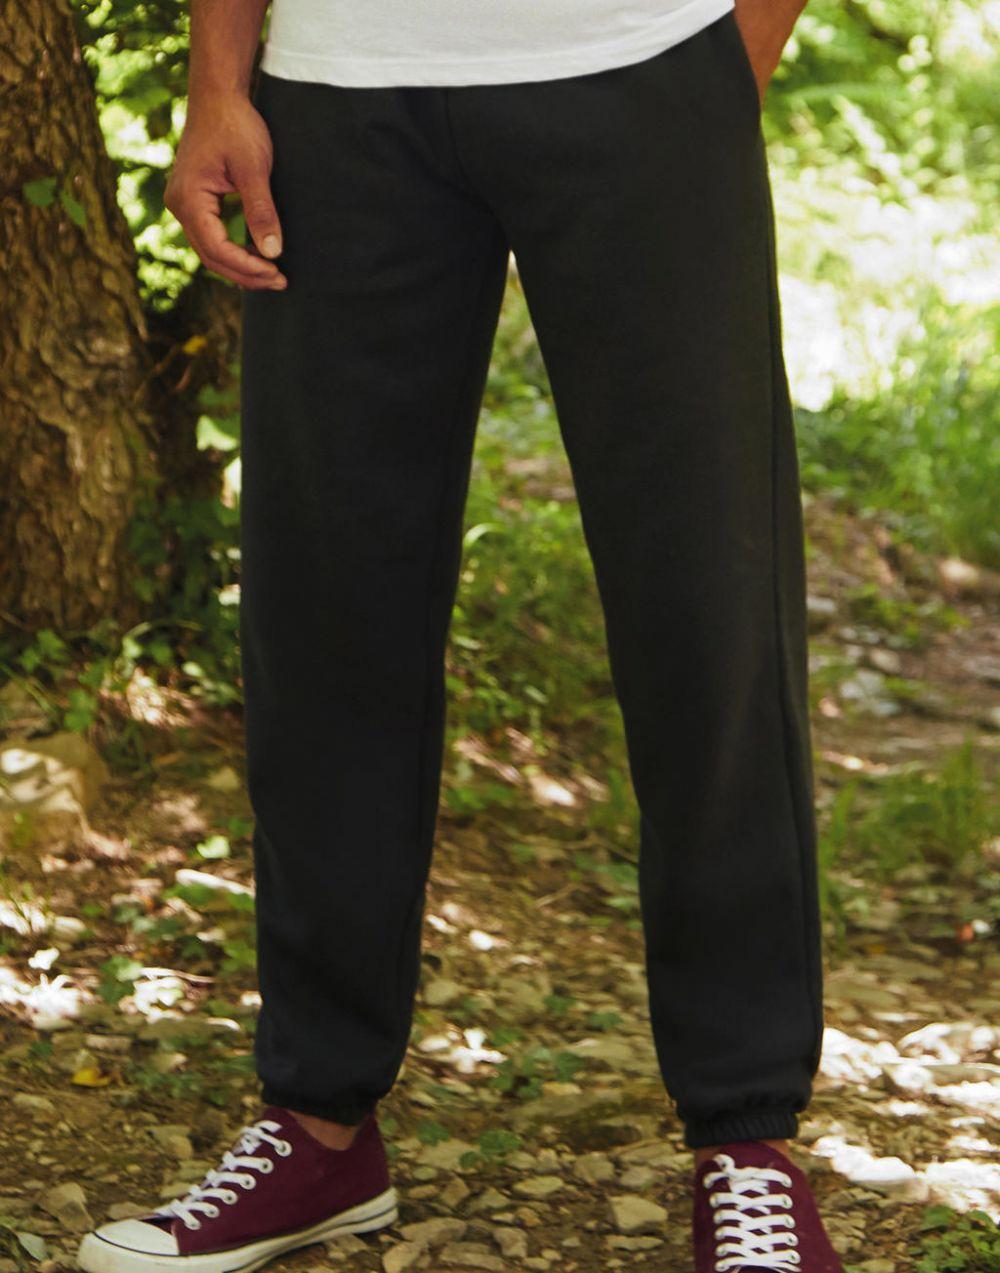 Pantalones técnicos fruit of the loom con bajo elástico para personalizar vista 1